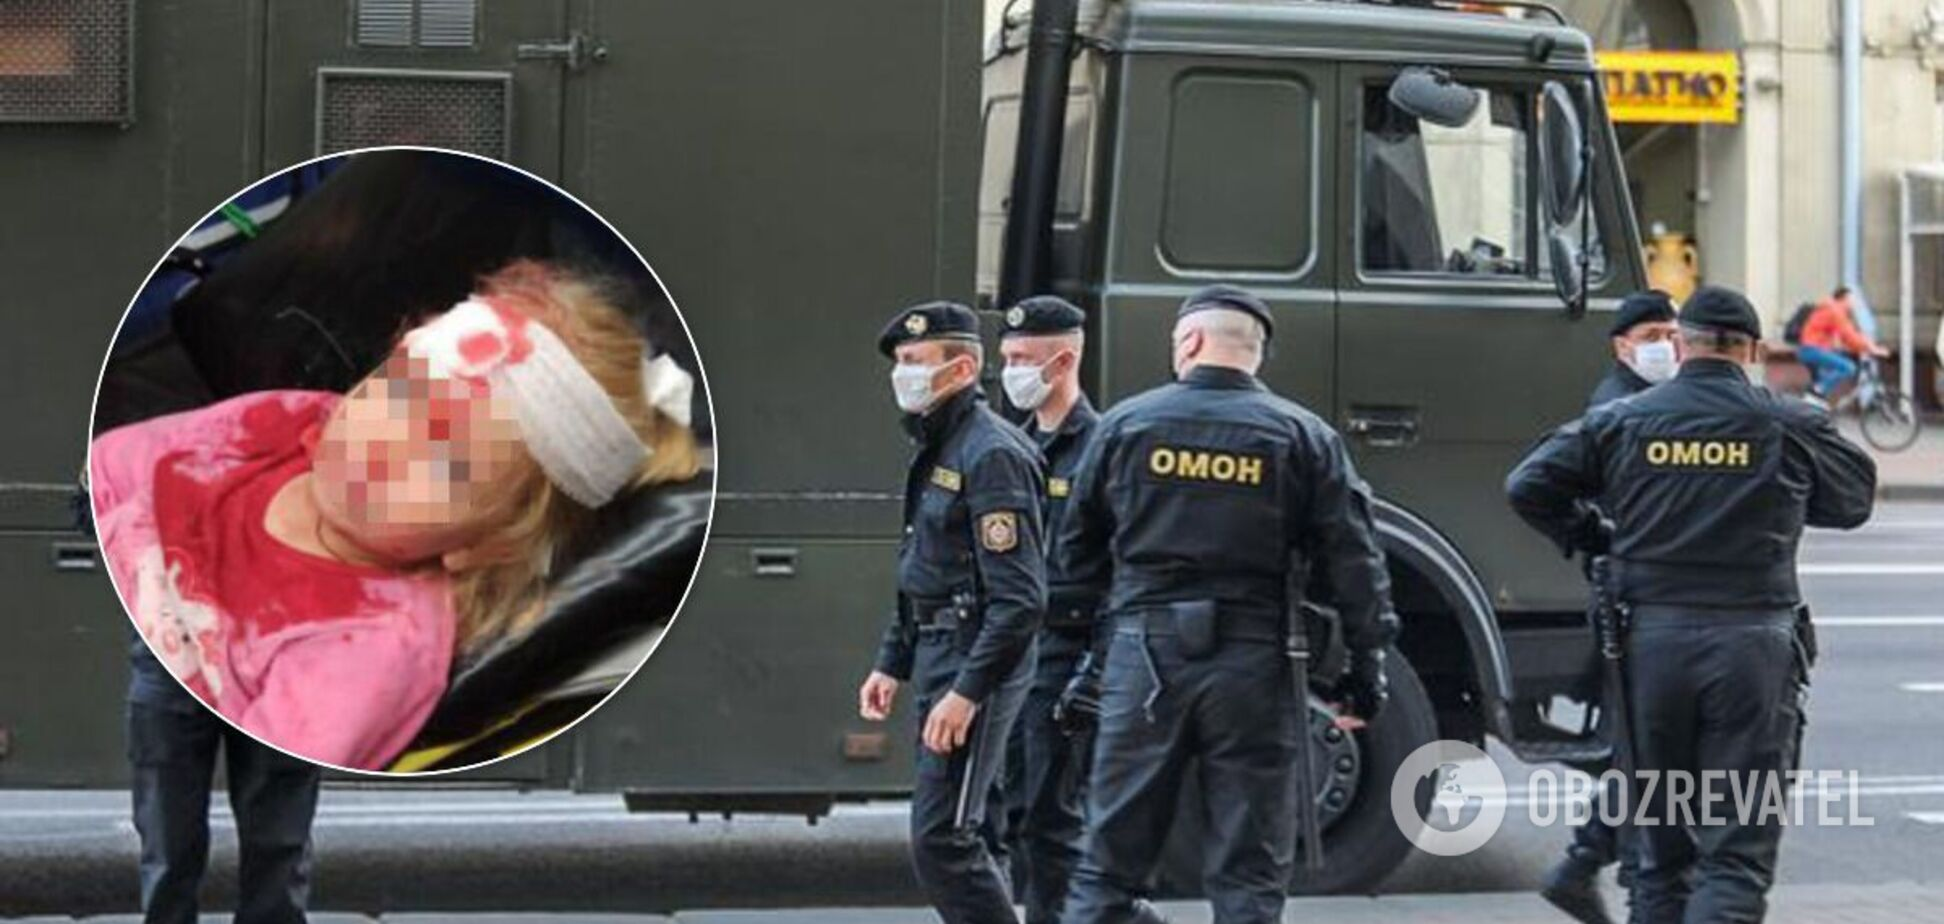 У Білорусі під час розгону ОМОНом постраждала 5-річна дитина. Фото